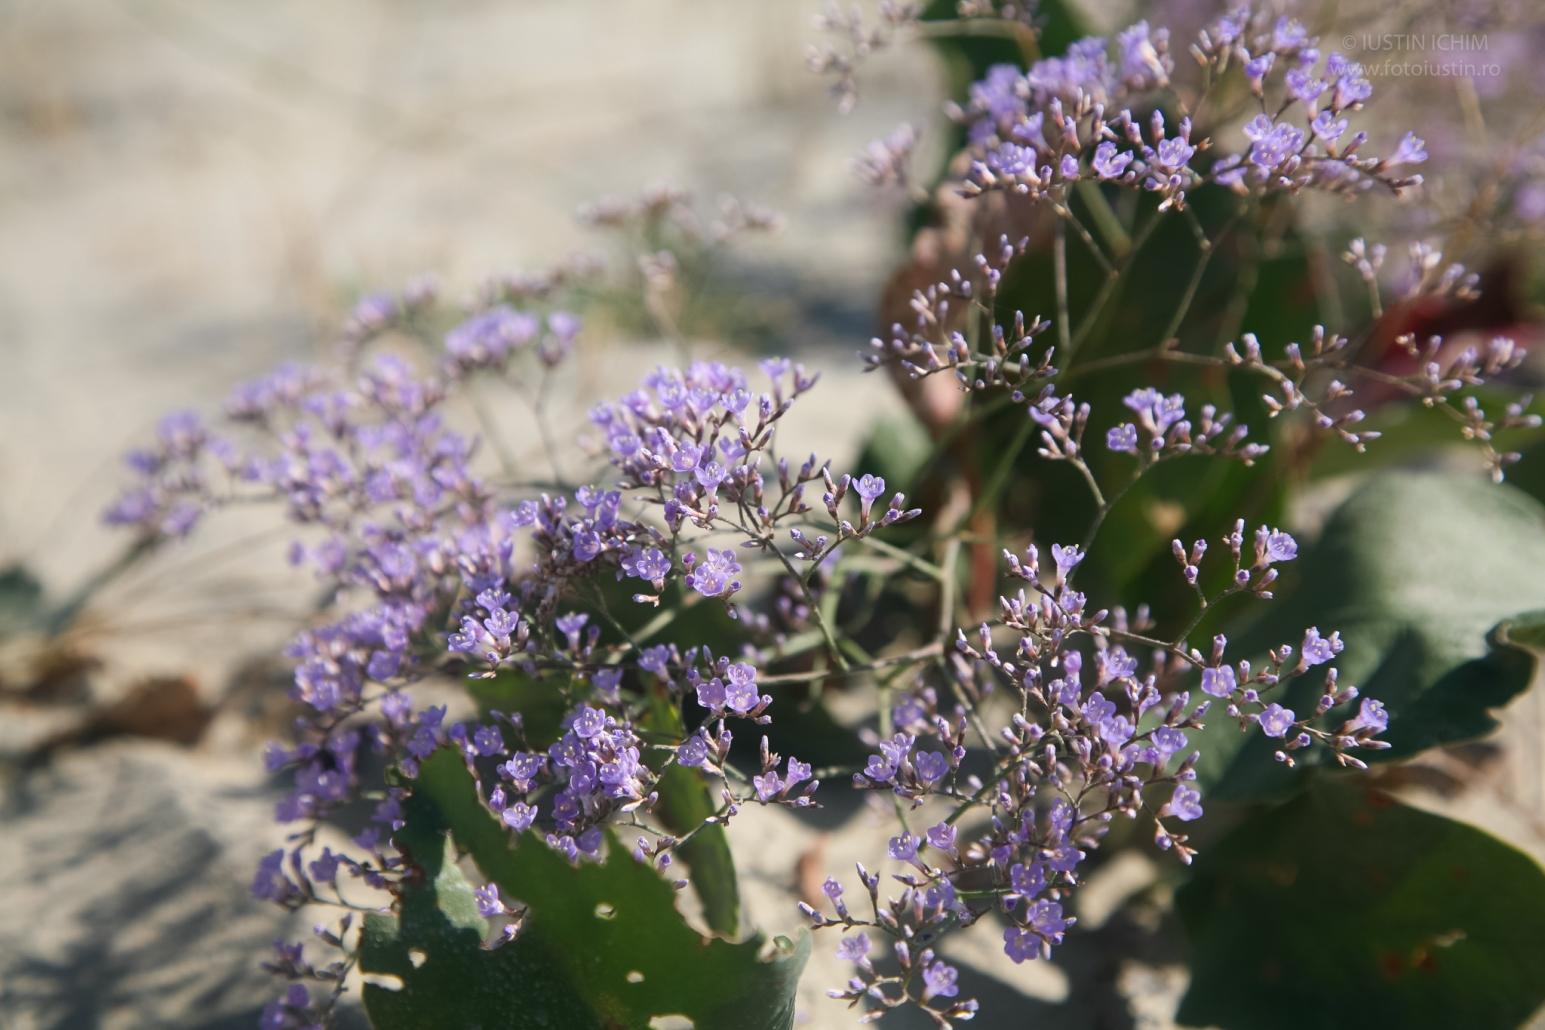 Limonium sp. Lavandă Mare, fam. Plumbaginaceae. Delta Dunarii